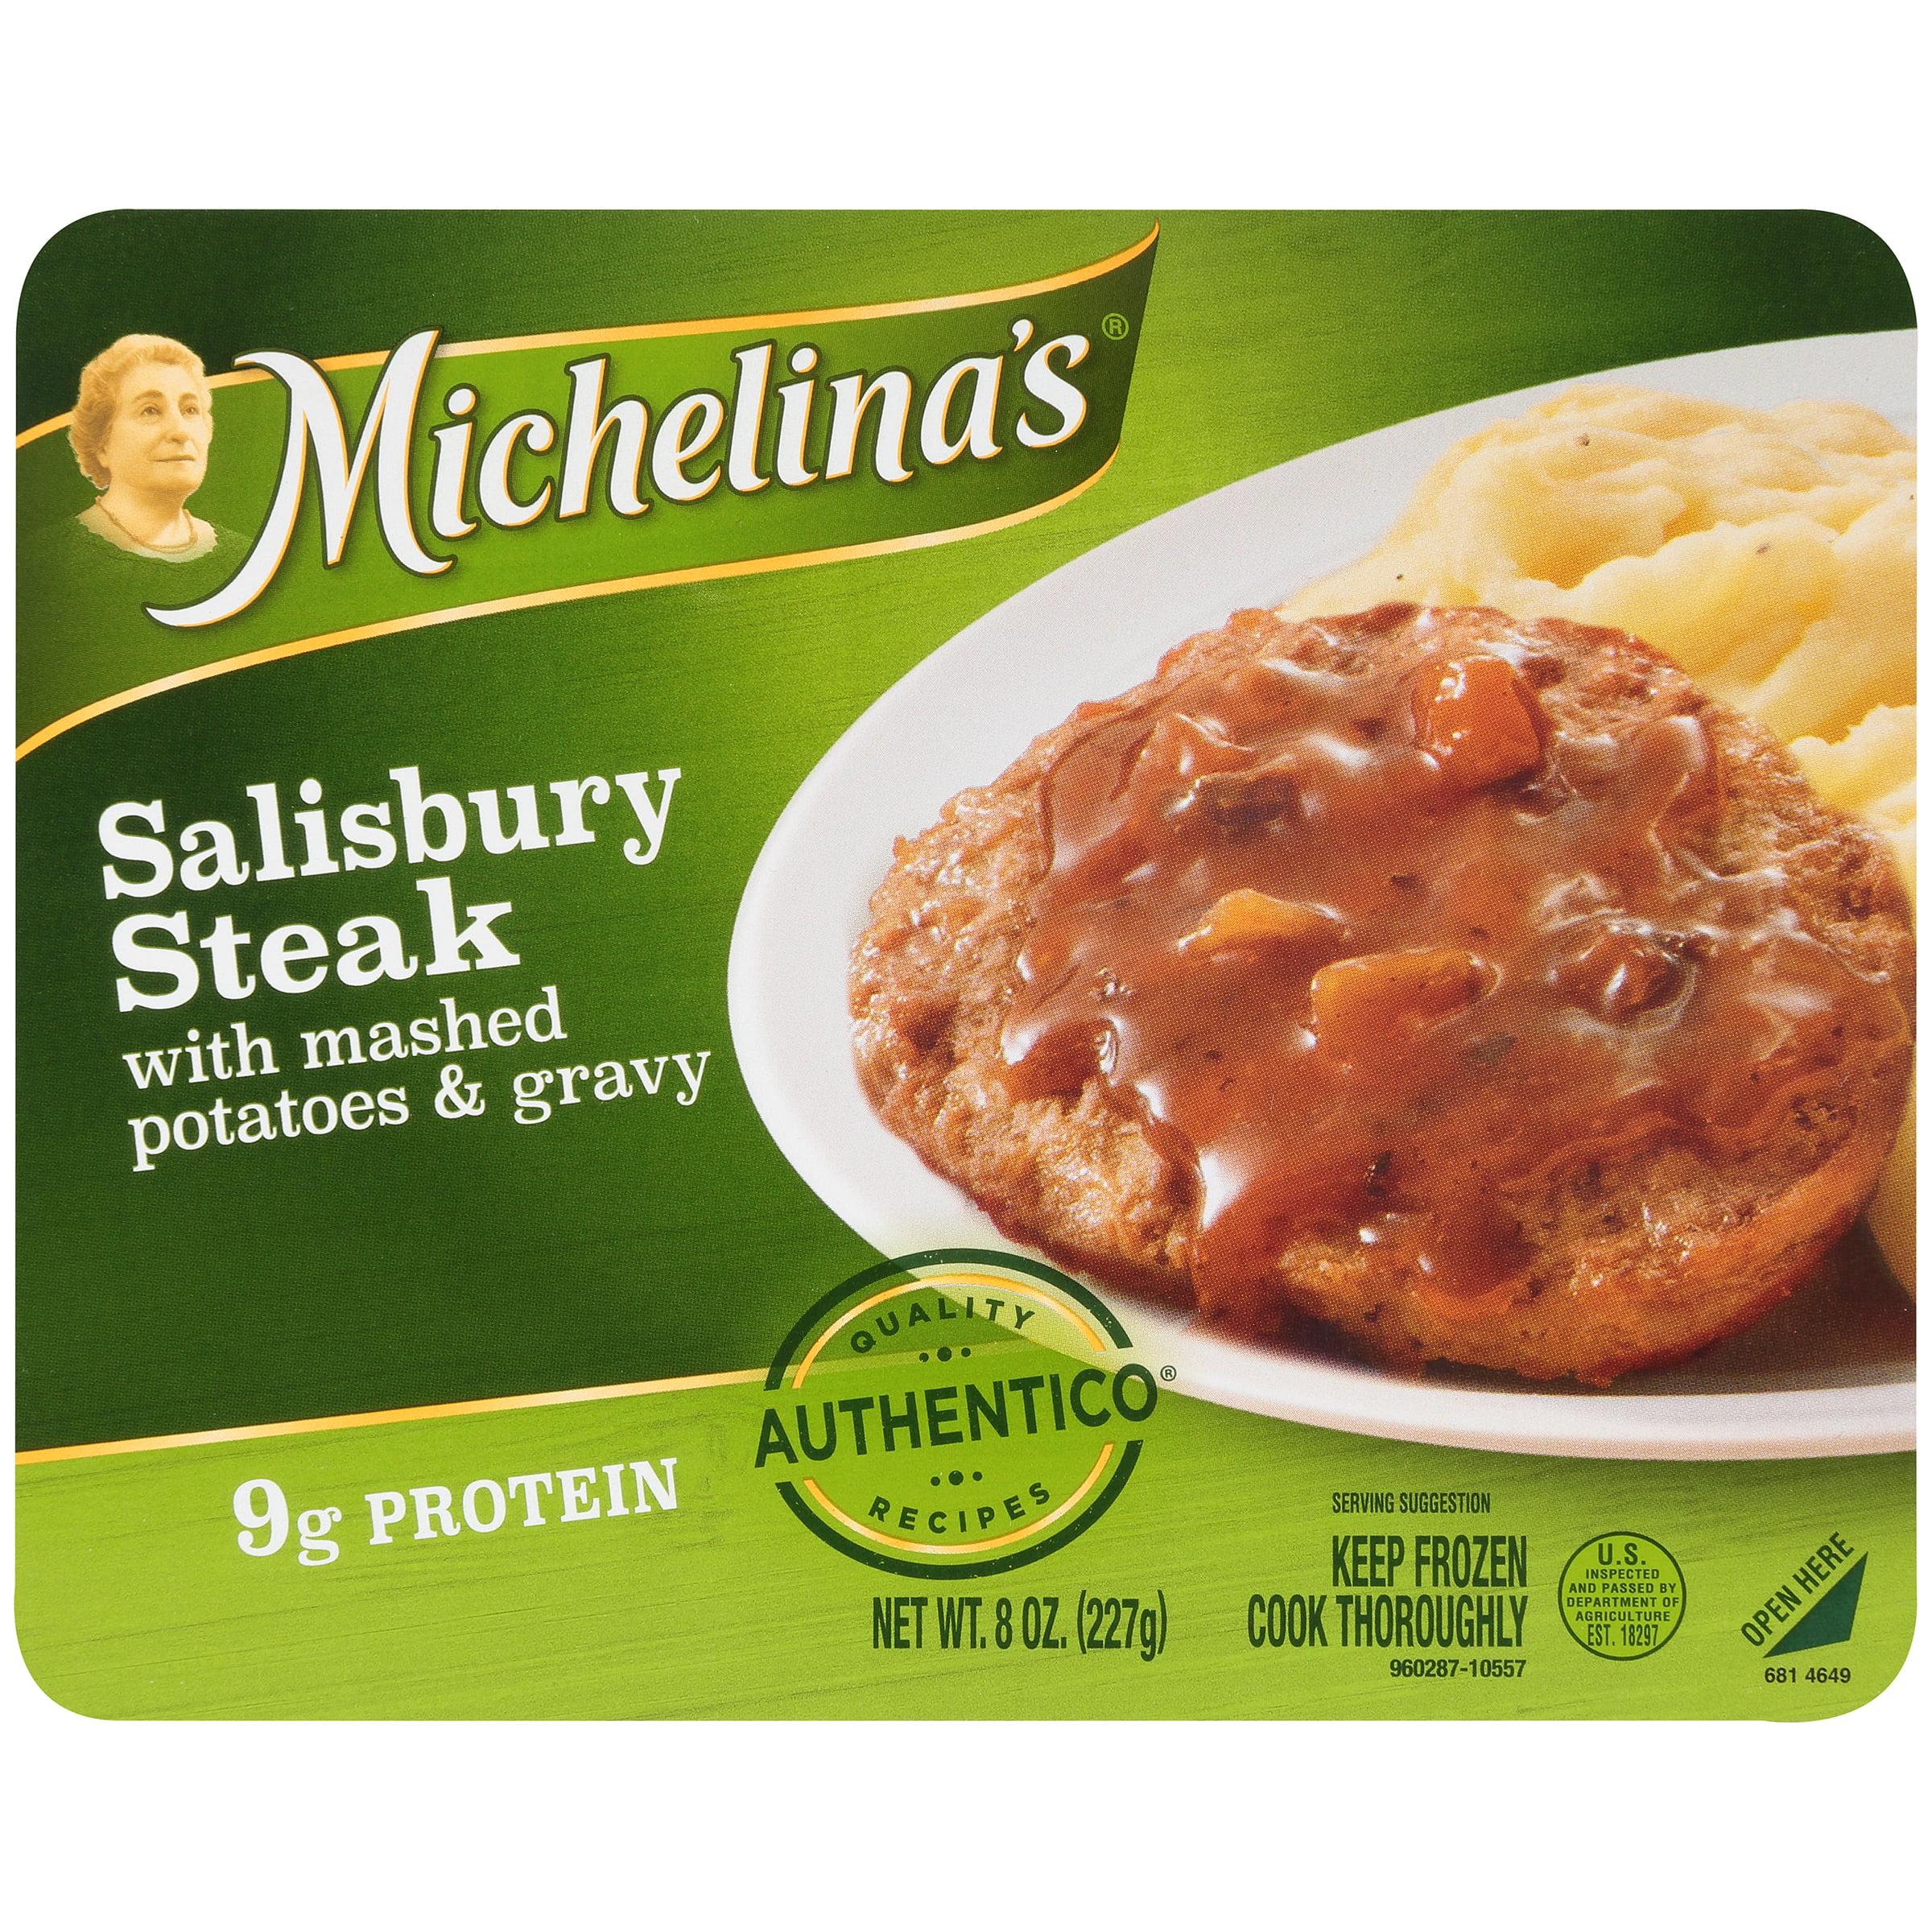 Michelina's�� Authentico�� Salisbury Steak 8 oz. Tray